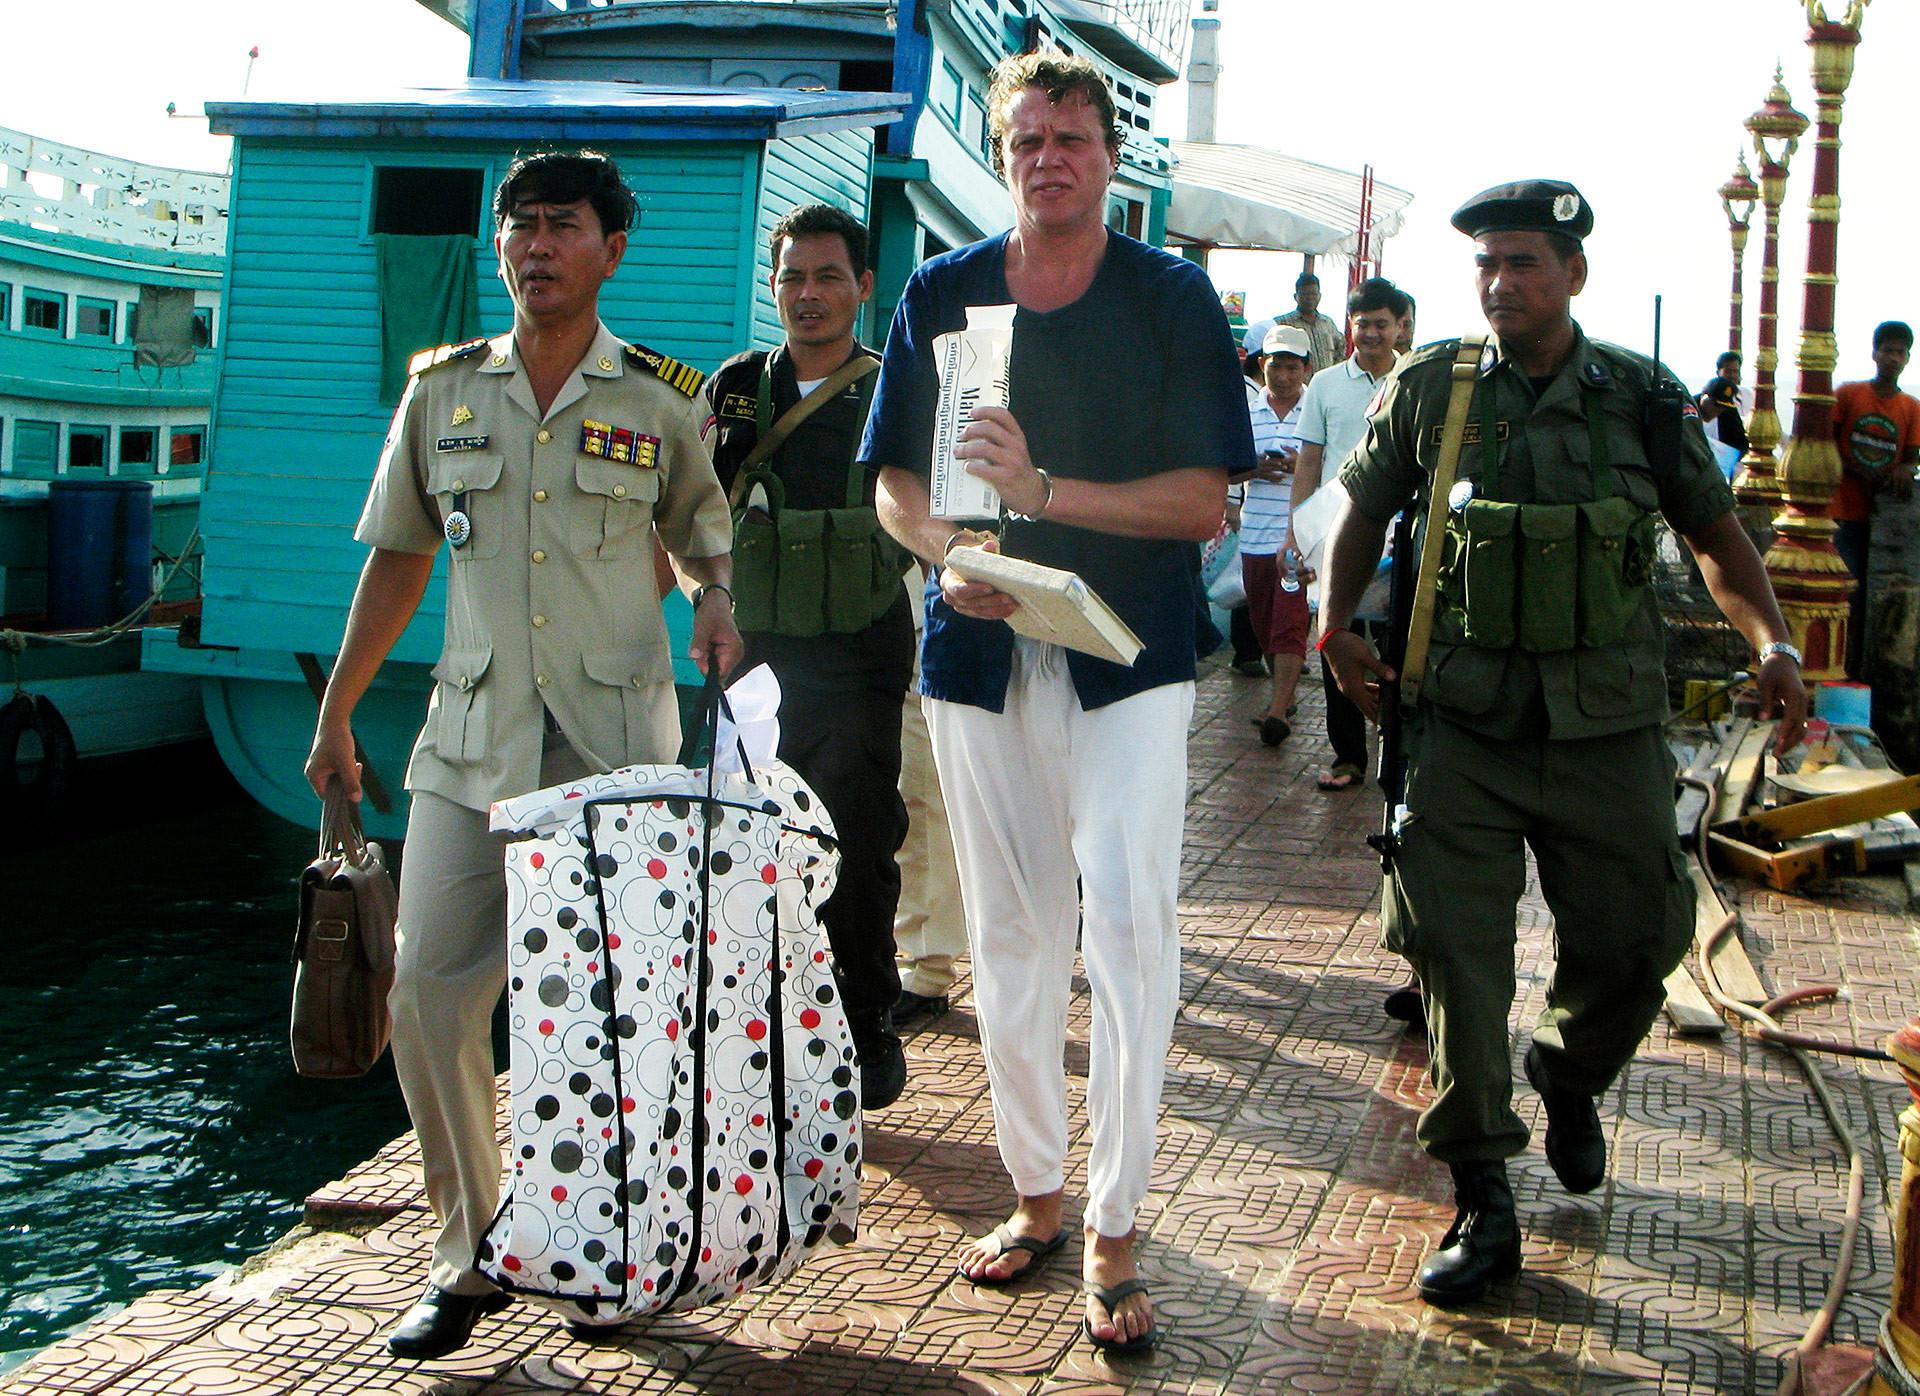 Polonskij wird von der Kambodschanischen Polizei aufgegriffen. 11. November 2013